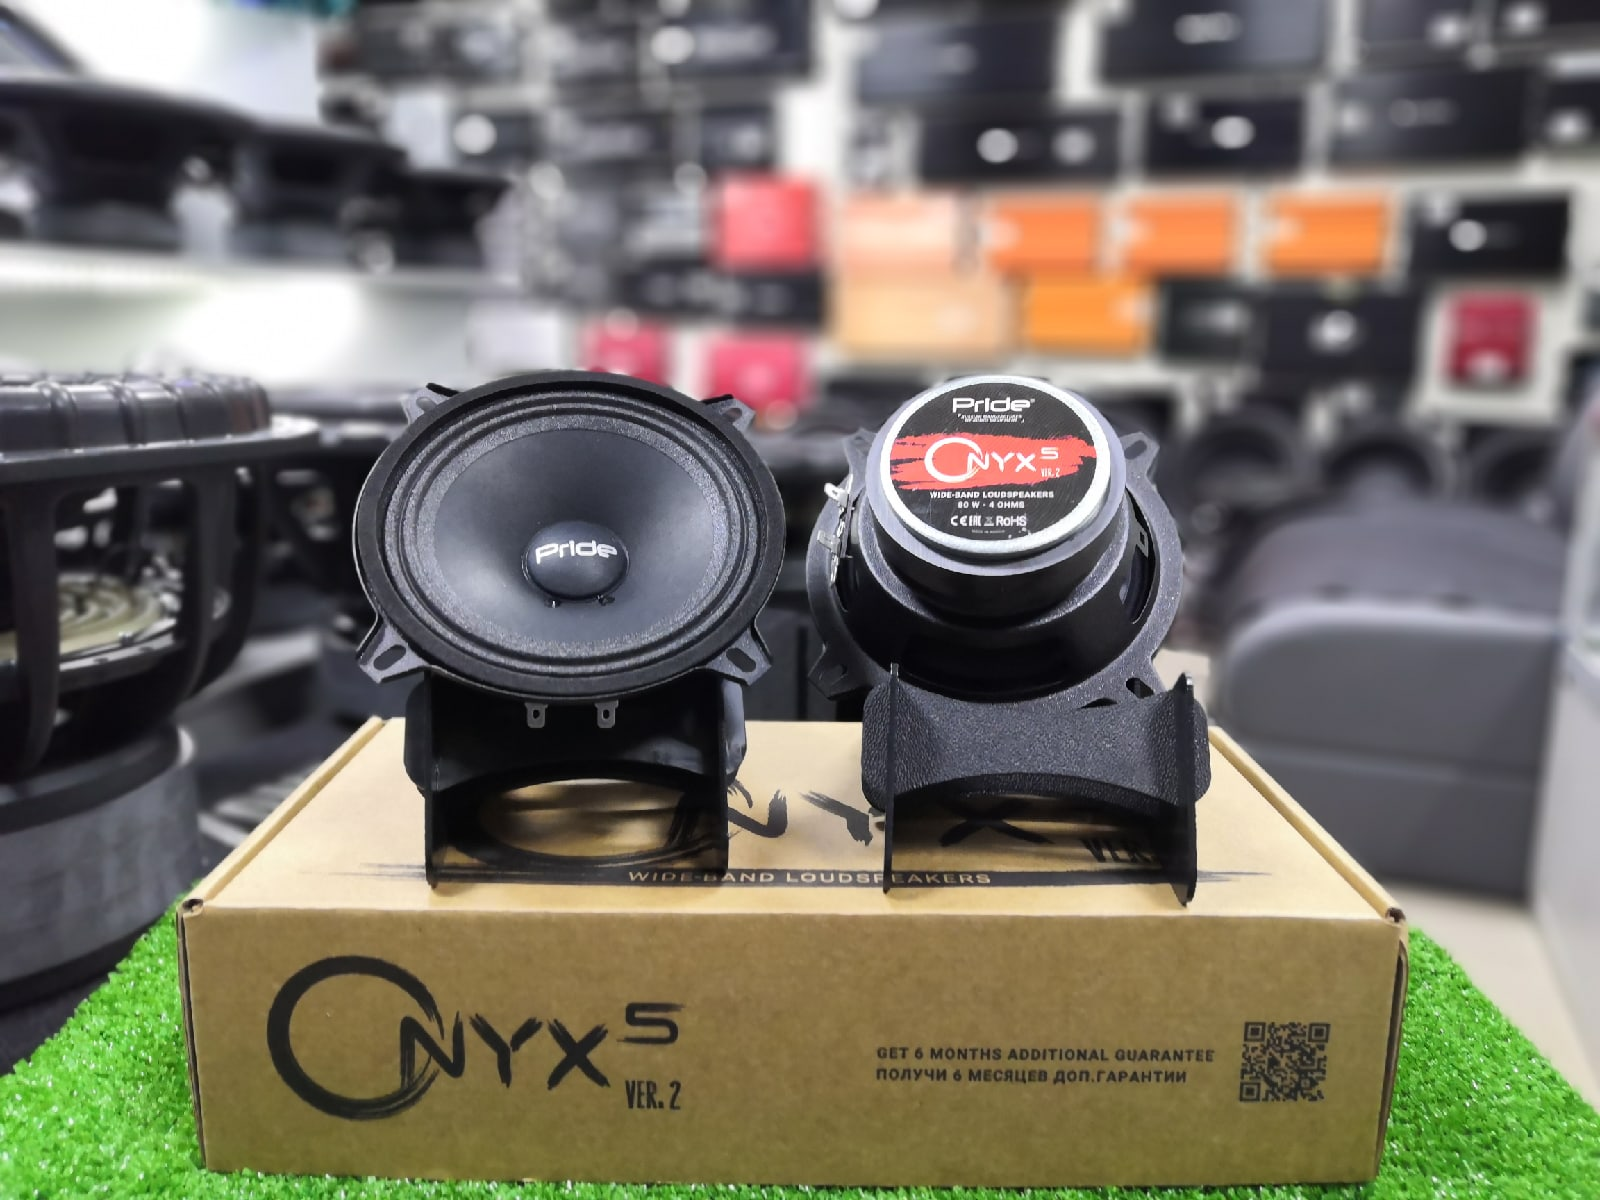 Pride Onyx-5 v.2